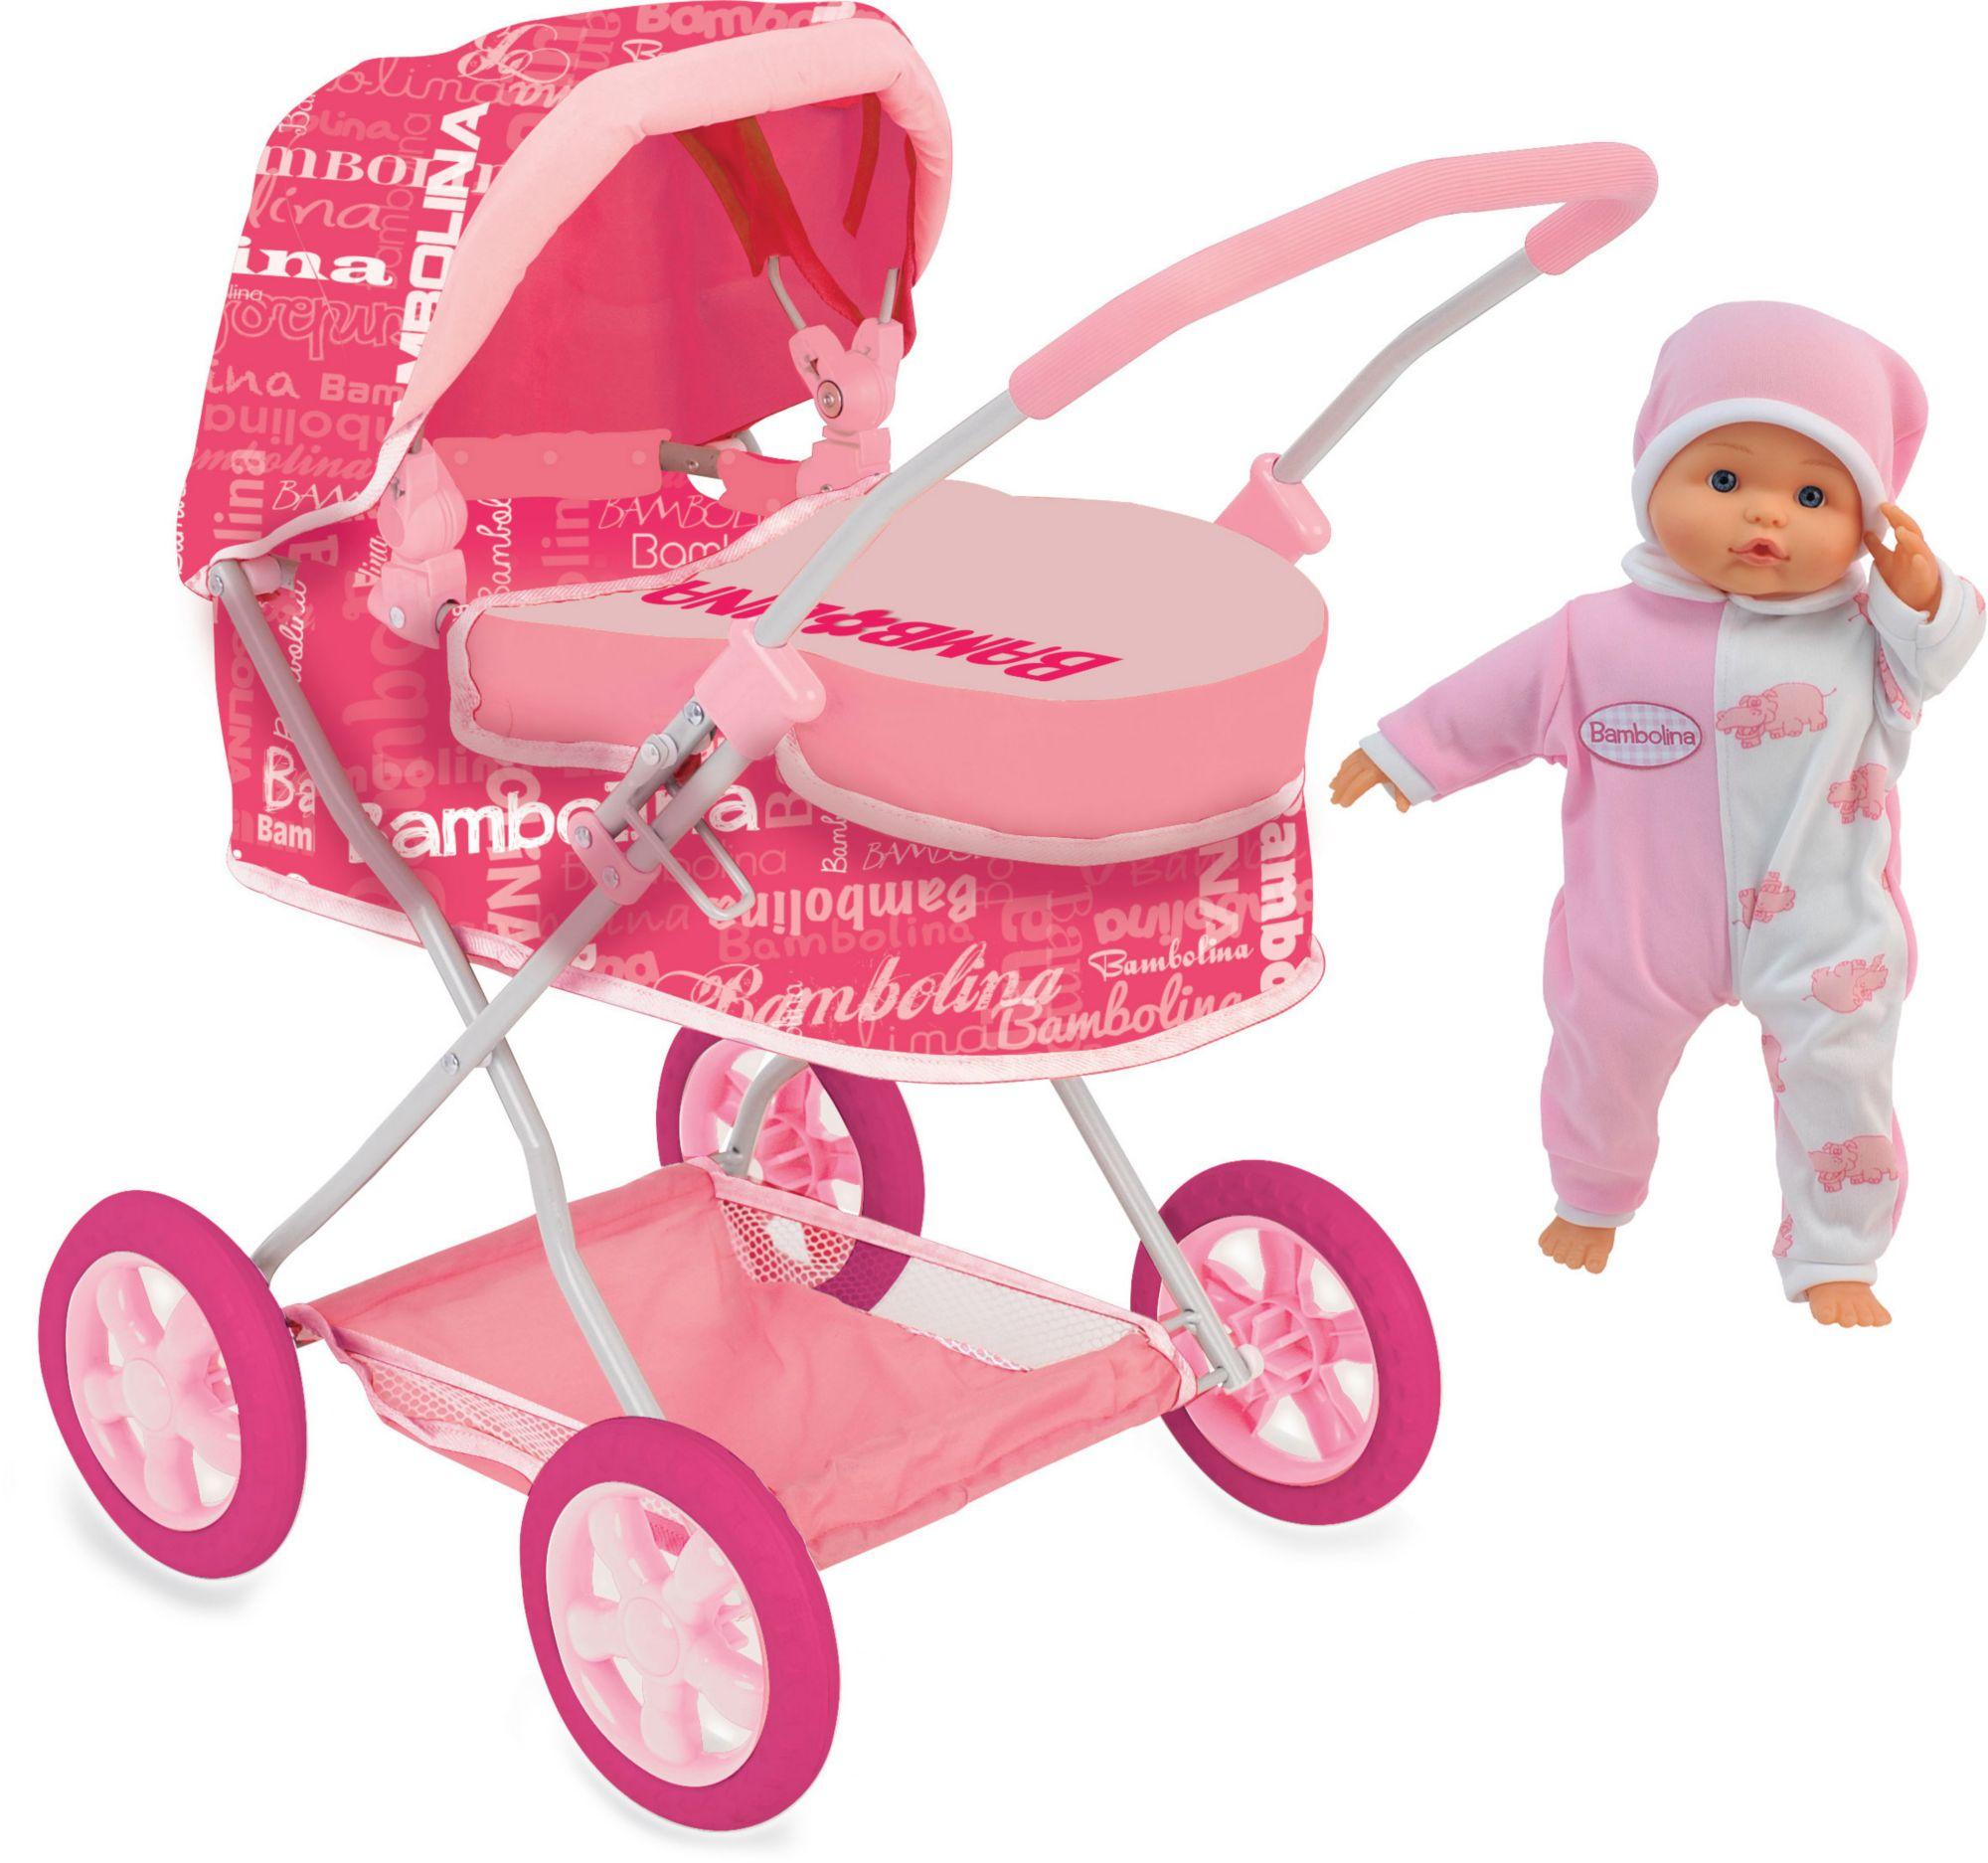 DIMIAN Dimian Puppenwagen Set, »Bambolina Puppenwagen mit 36 cm großer Weichpuppe«